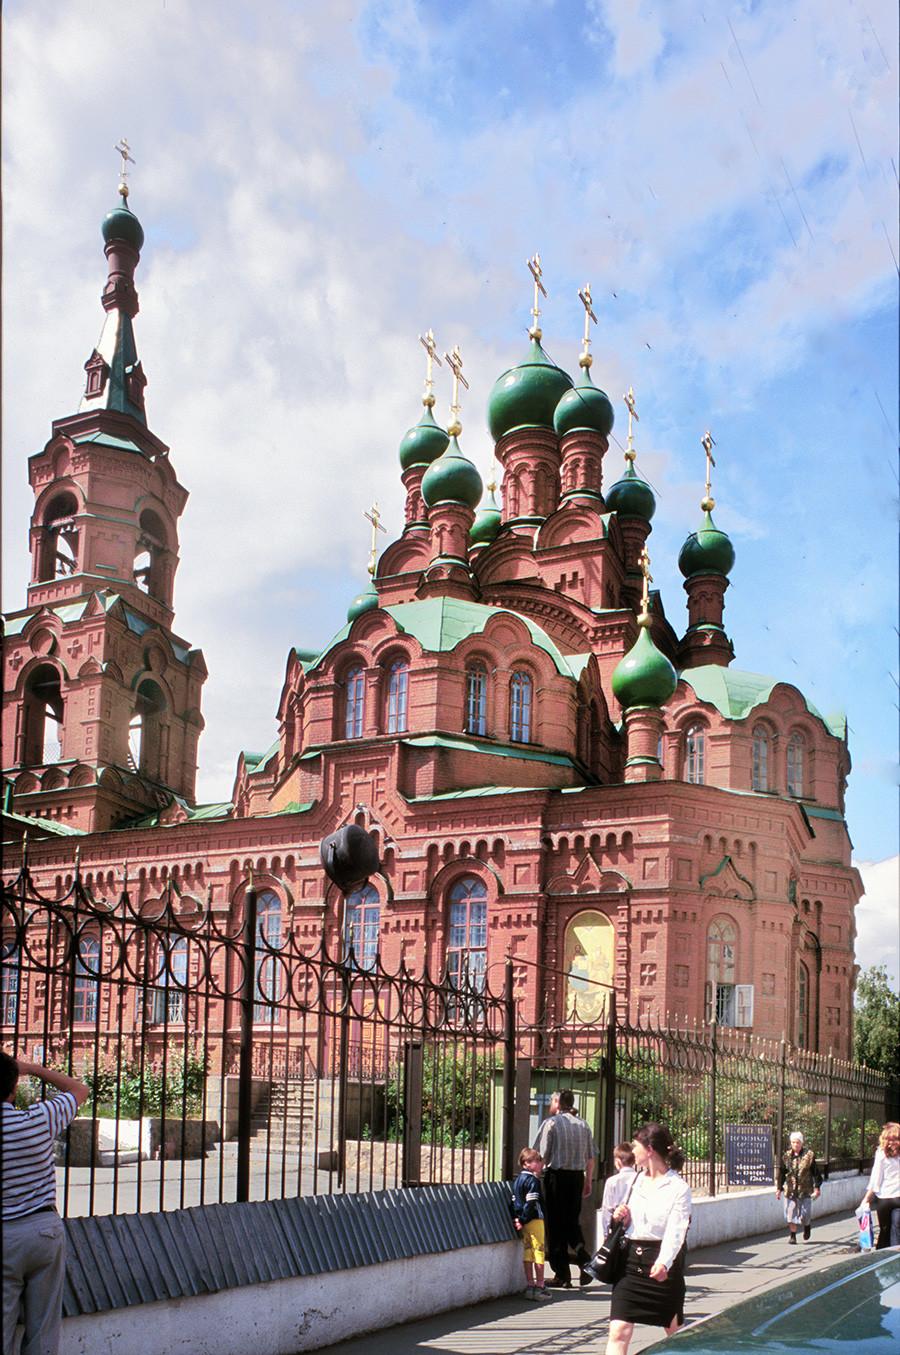 Église de la Sainte-Trinité, façade sud. Construite entre 1909 et 1914, elle a été fermée en 1929 et transformée en Musée de l'Histoire régionale. Elle a été restituée à l'Église orthodoxe russe en 1990 et restaurée en 1993.